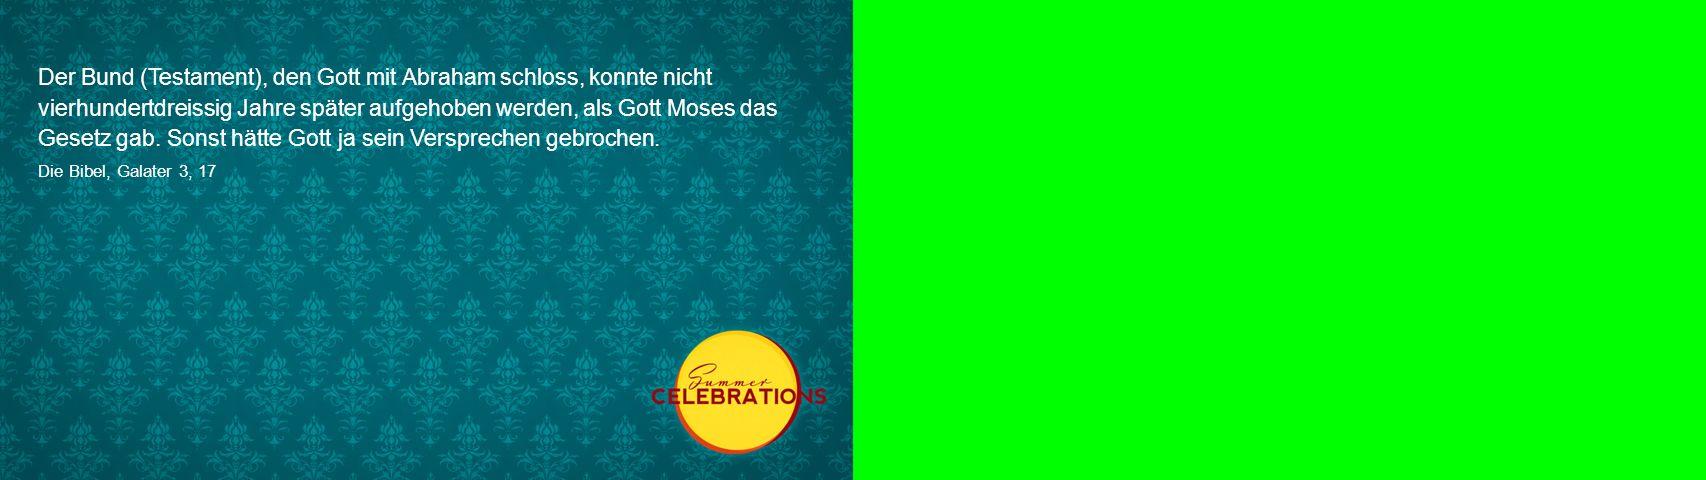 Der Bund (Testament), den Gott mit Abraham schloss, konnte nicht vierhundertdreissig Jahre später aufgehoben werden, als Gott Moses das Gesetz gab.